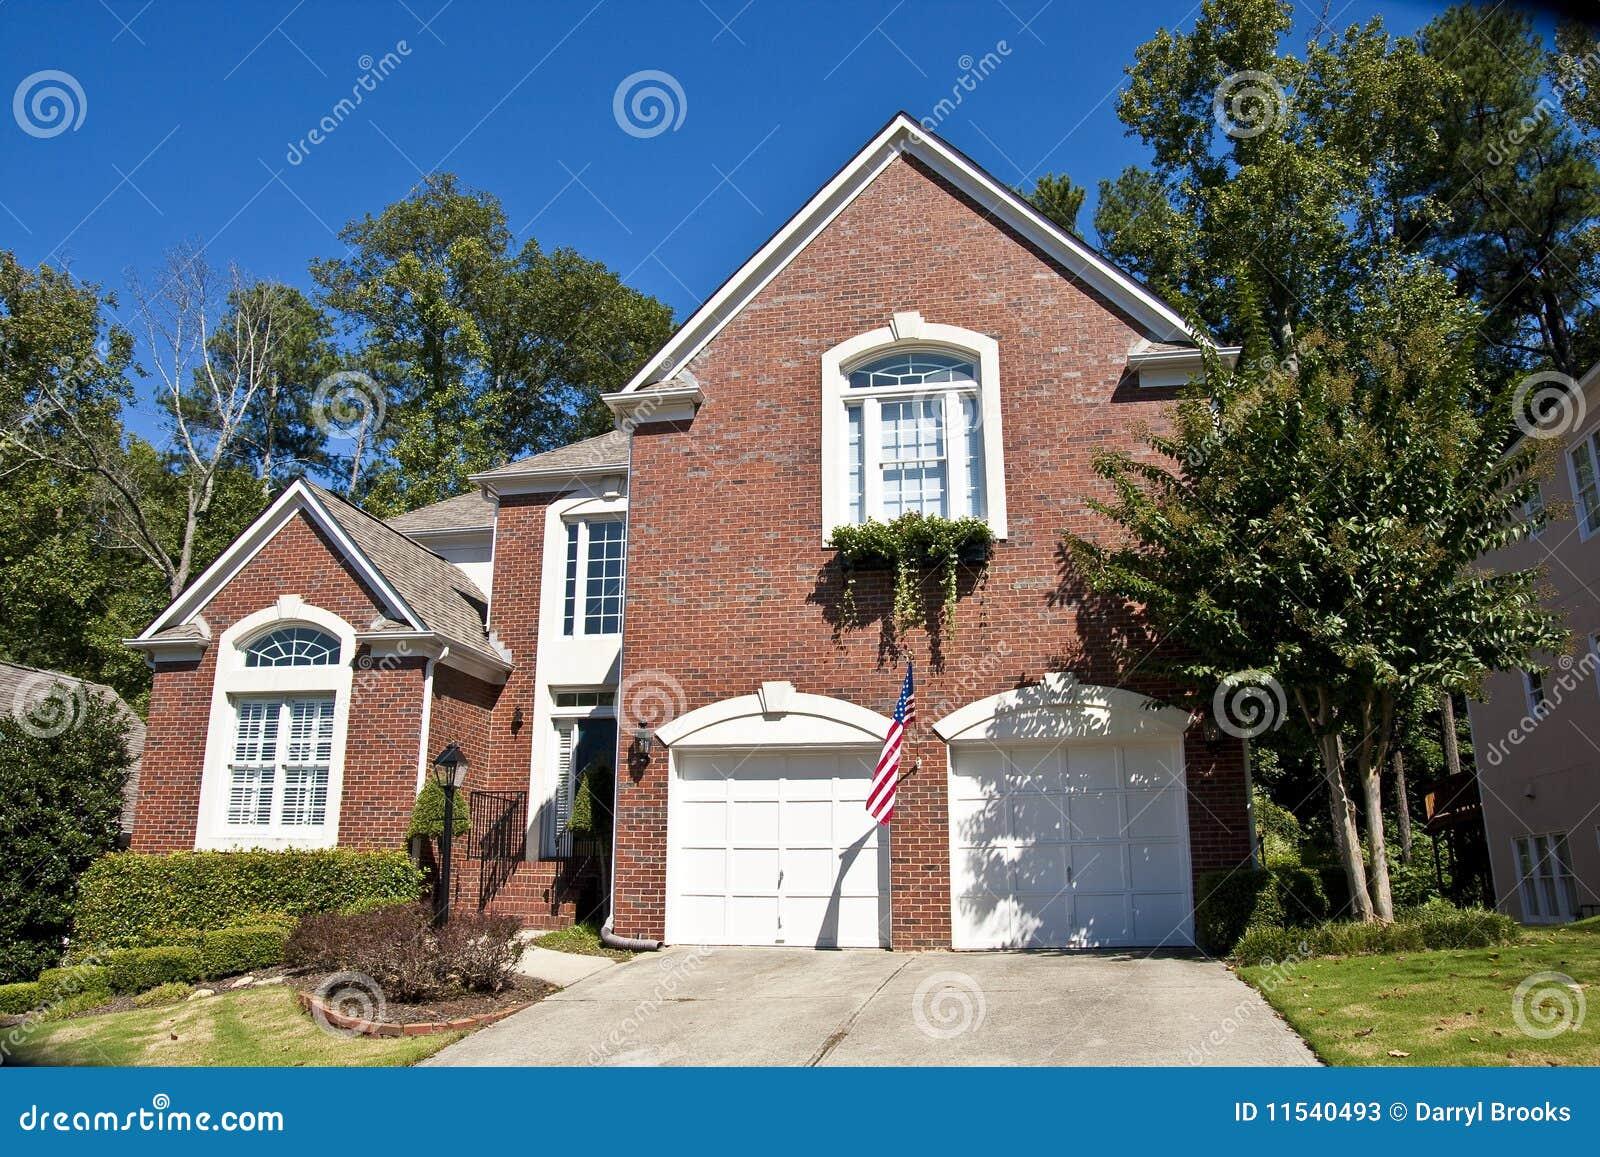 Ziegelstein-Haus Auf Hügel Mit Amerikanischer Flagge Stockbild ...